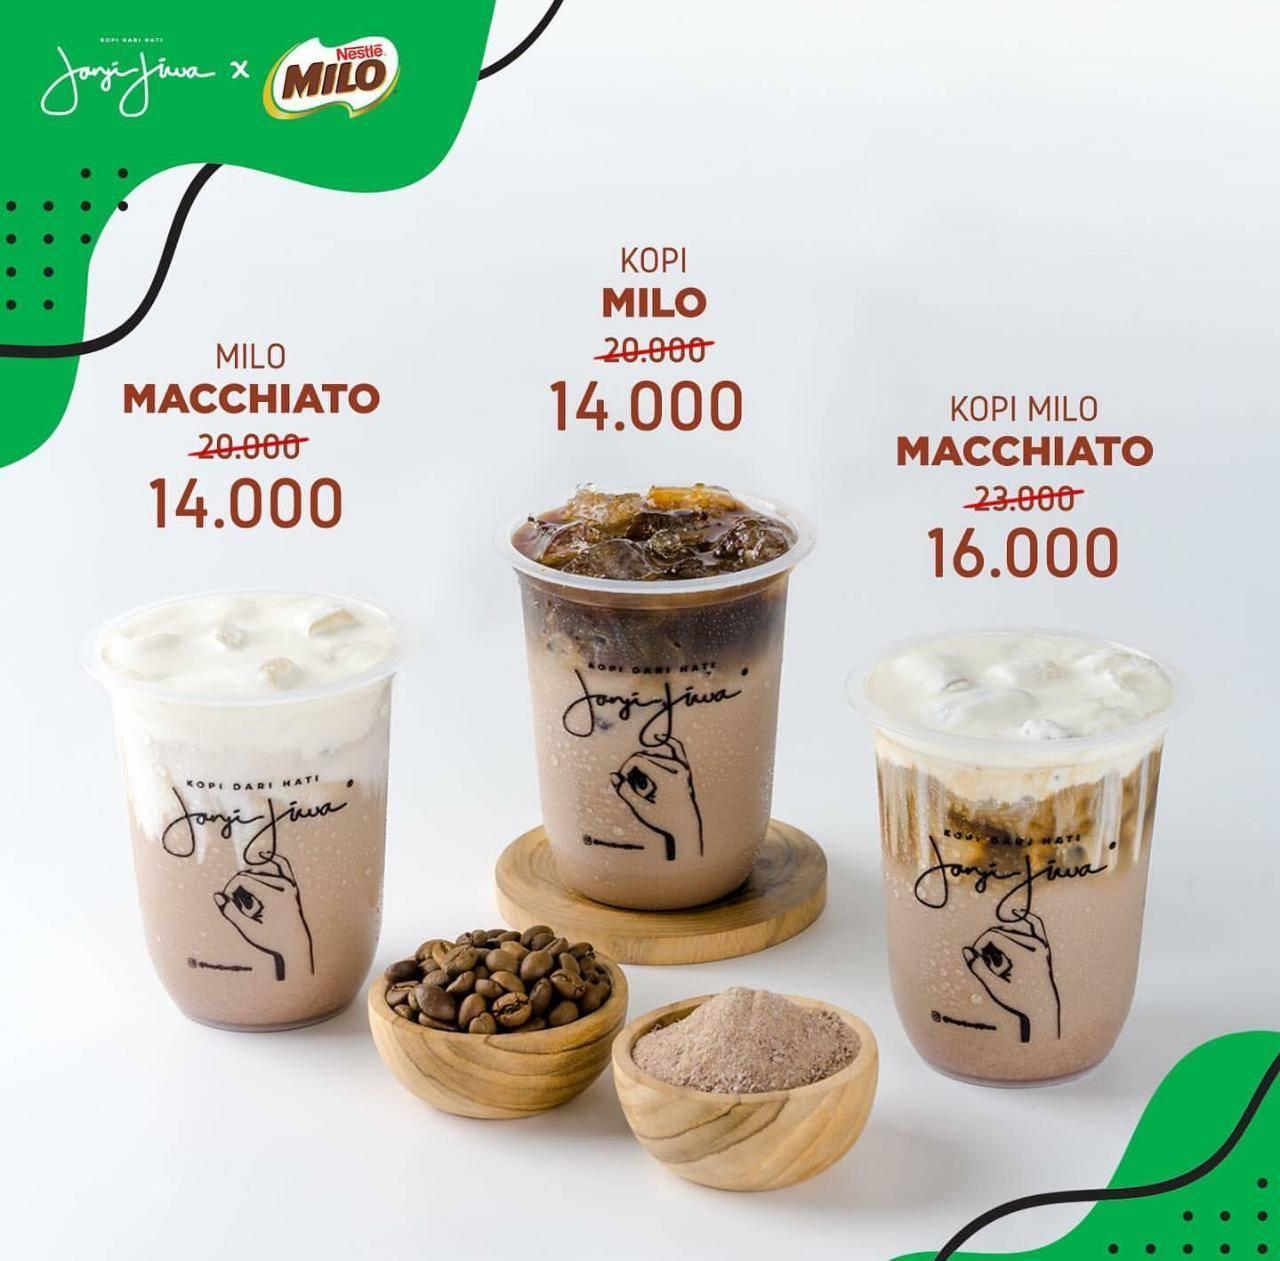 Diskon Janji Jiwa Promo Harga Hemat Spesial Menu Baru Milo Series Mulai Dari Rp. 14.000